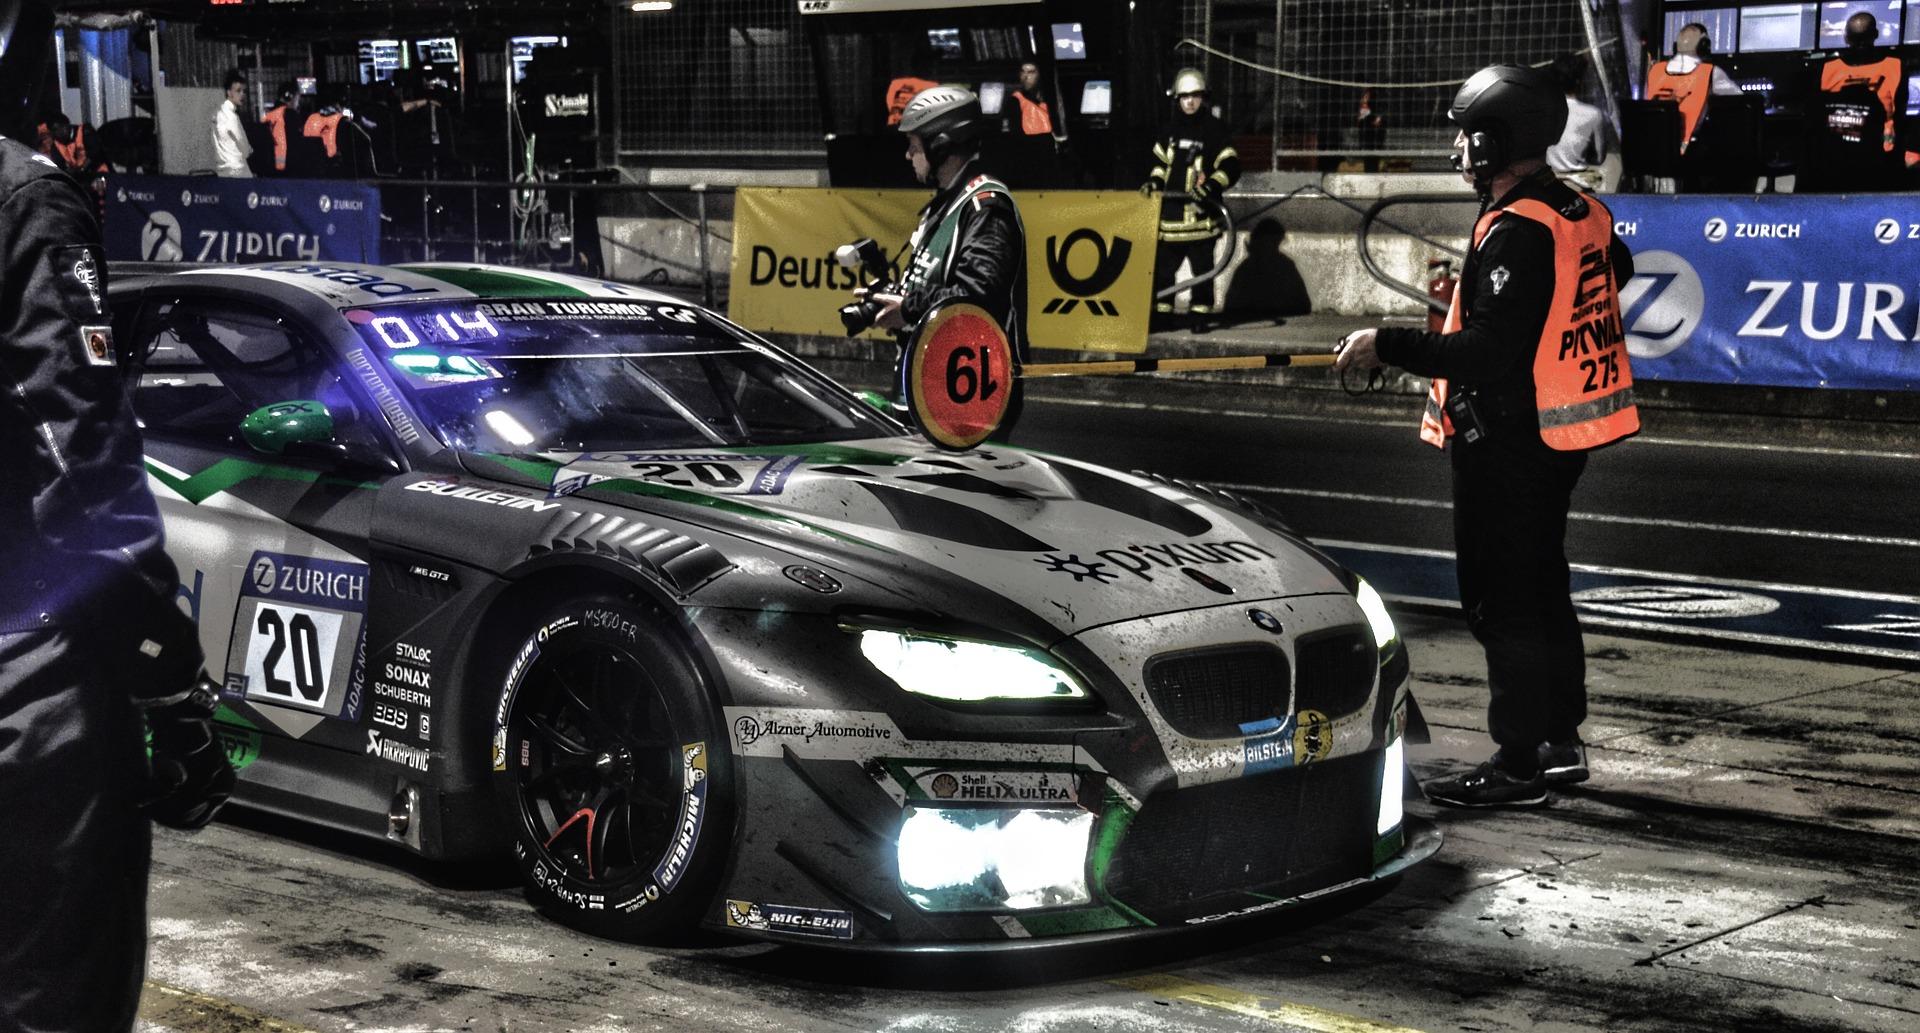 Nürburgring: VLN-Langstreckenmeisterschaft startet in die entscheidende Phase